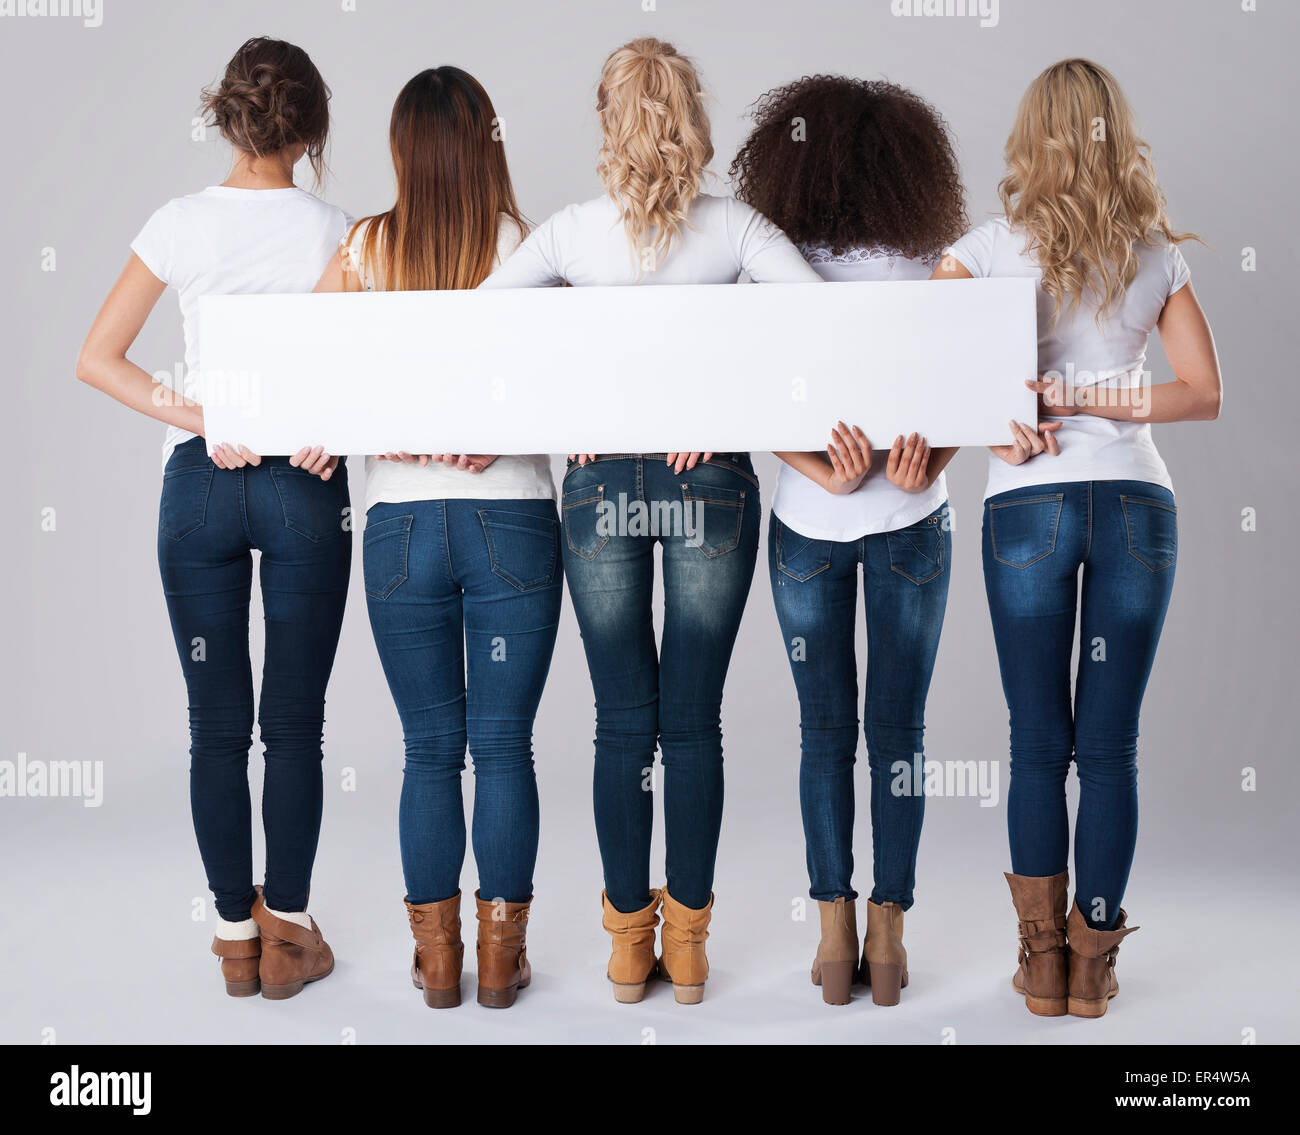 Chicas en jeans sosteniendo pancartas vacías. Debica, Polonia Imagen De Stock